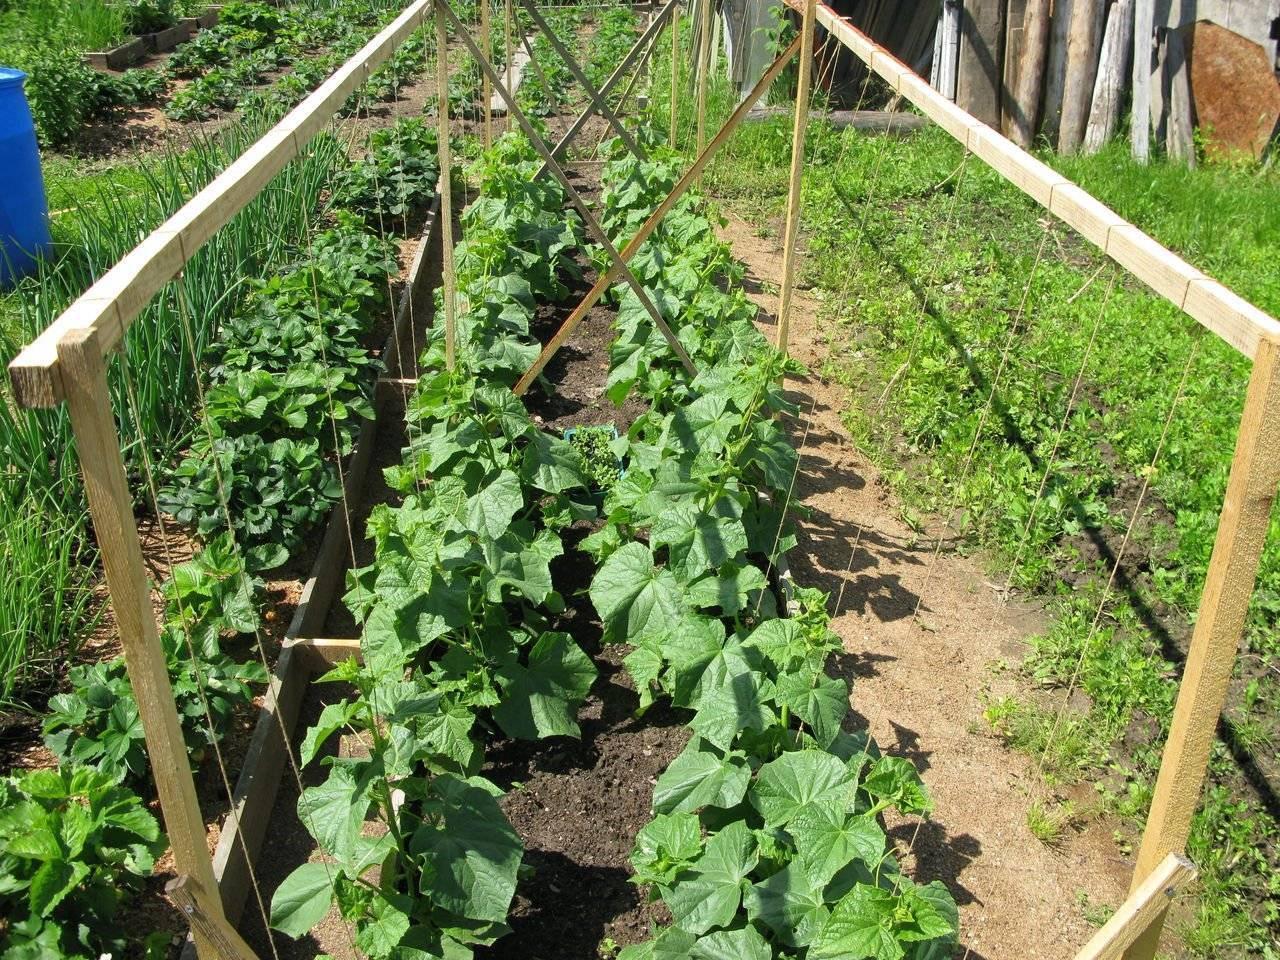 Посадка кабачков семенами и уход за ними, как сажать в открытый грунт и в теплицу